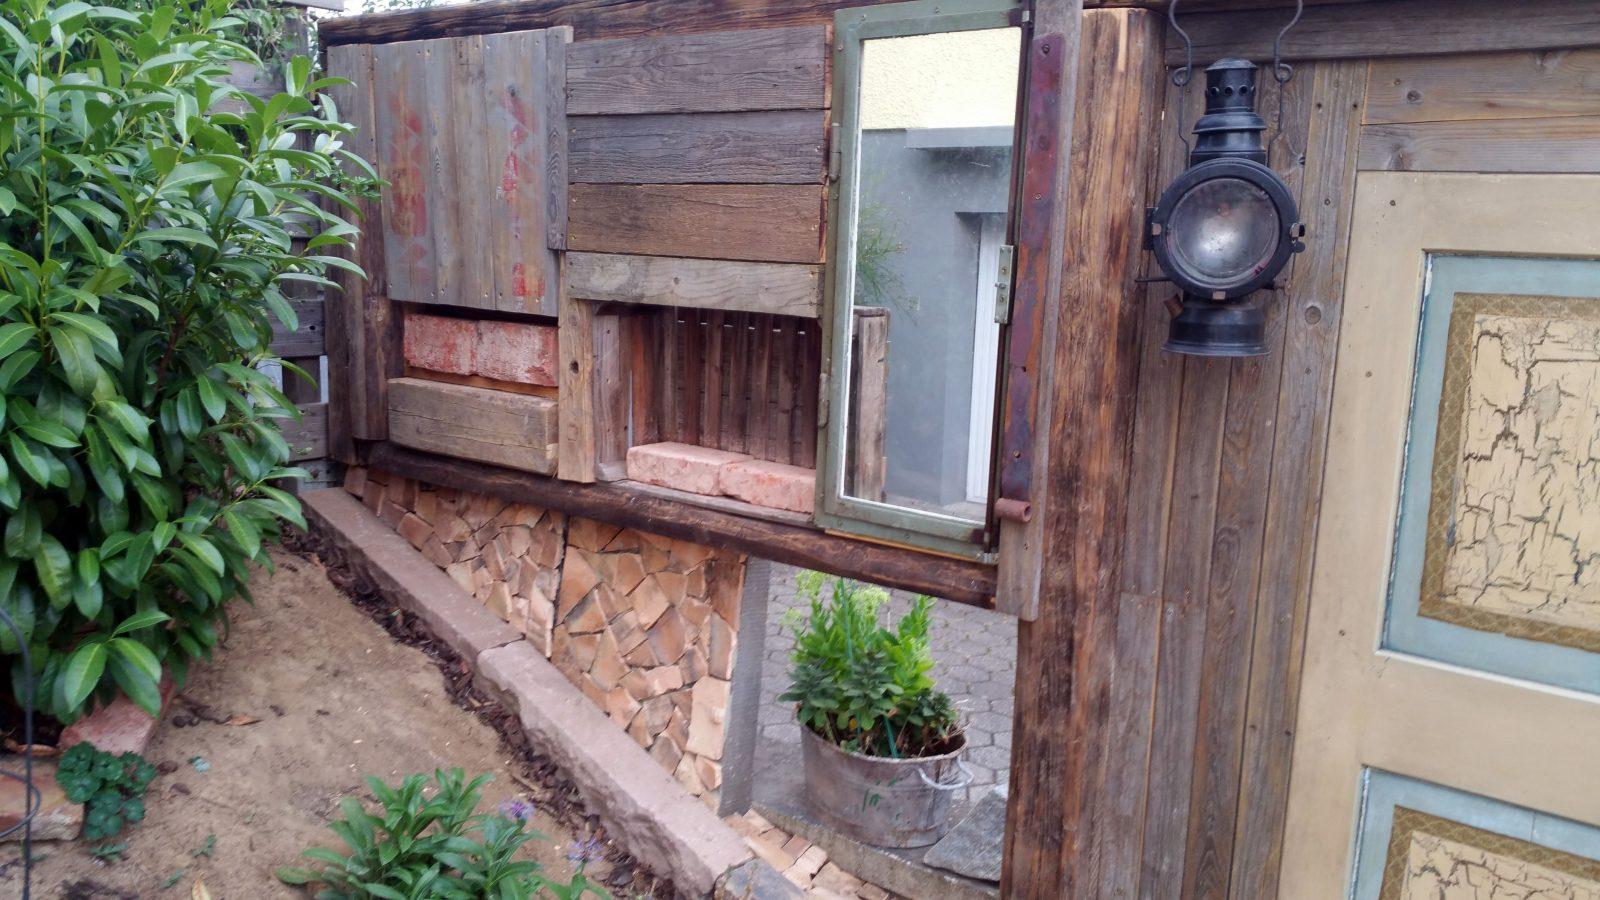 Diy Vintage Gartenzaun  Sichtschutz Aus Verschiedenen Elementen Und von Kreativer Sichtschutz Selber Bauen Photo